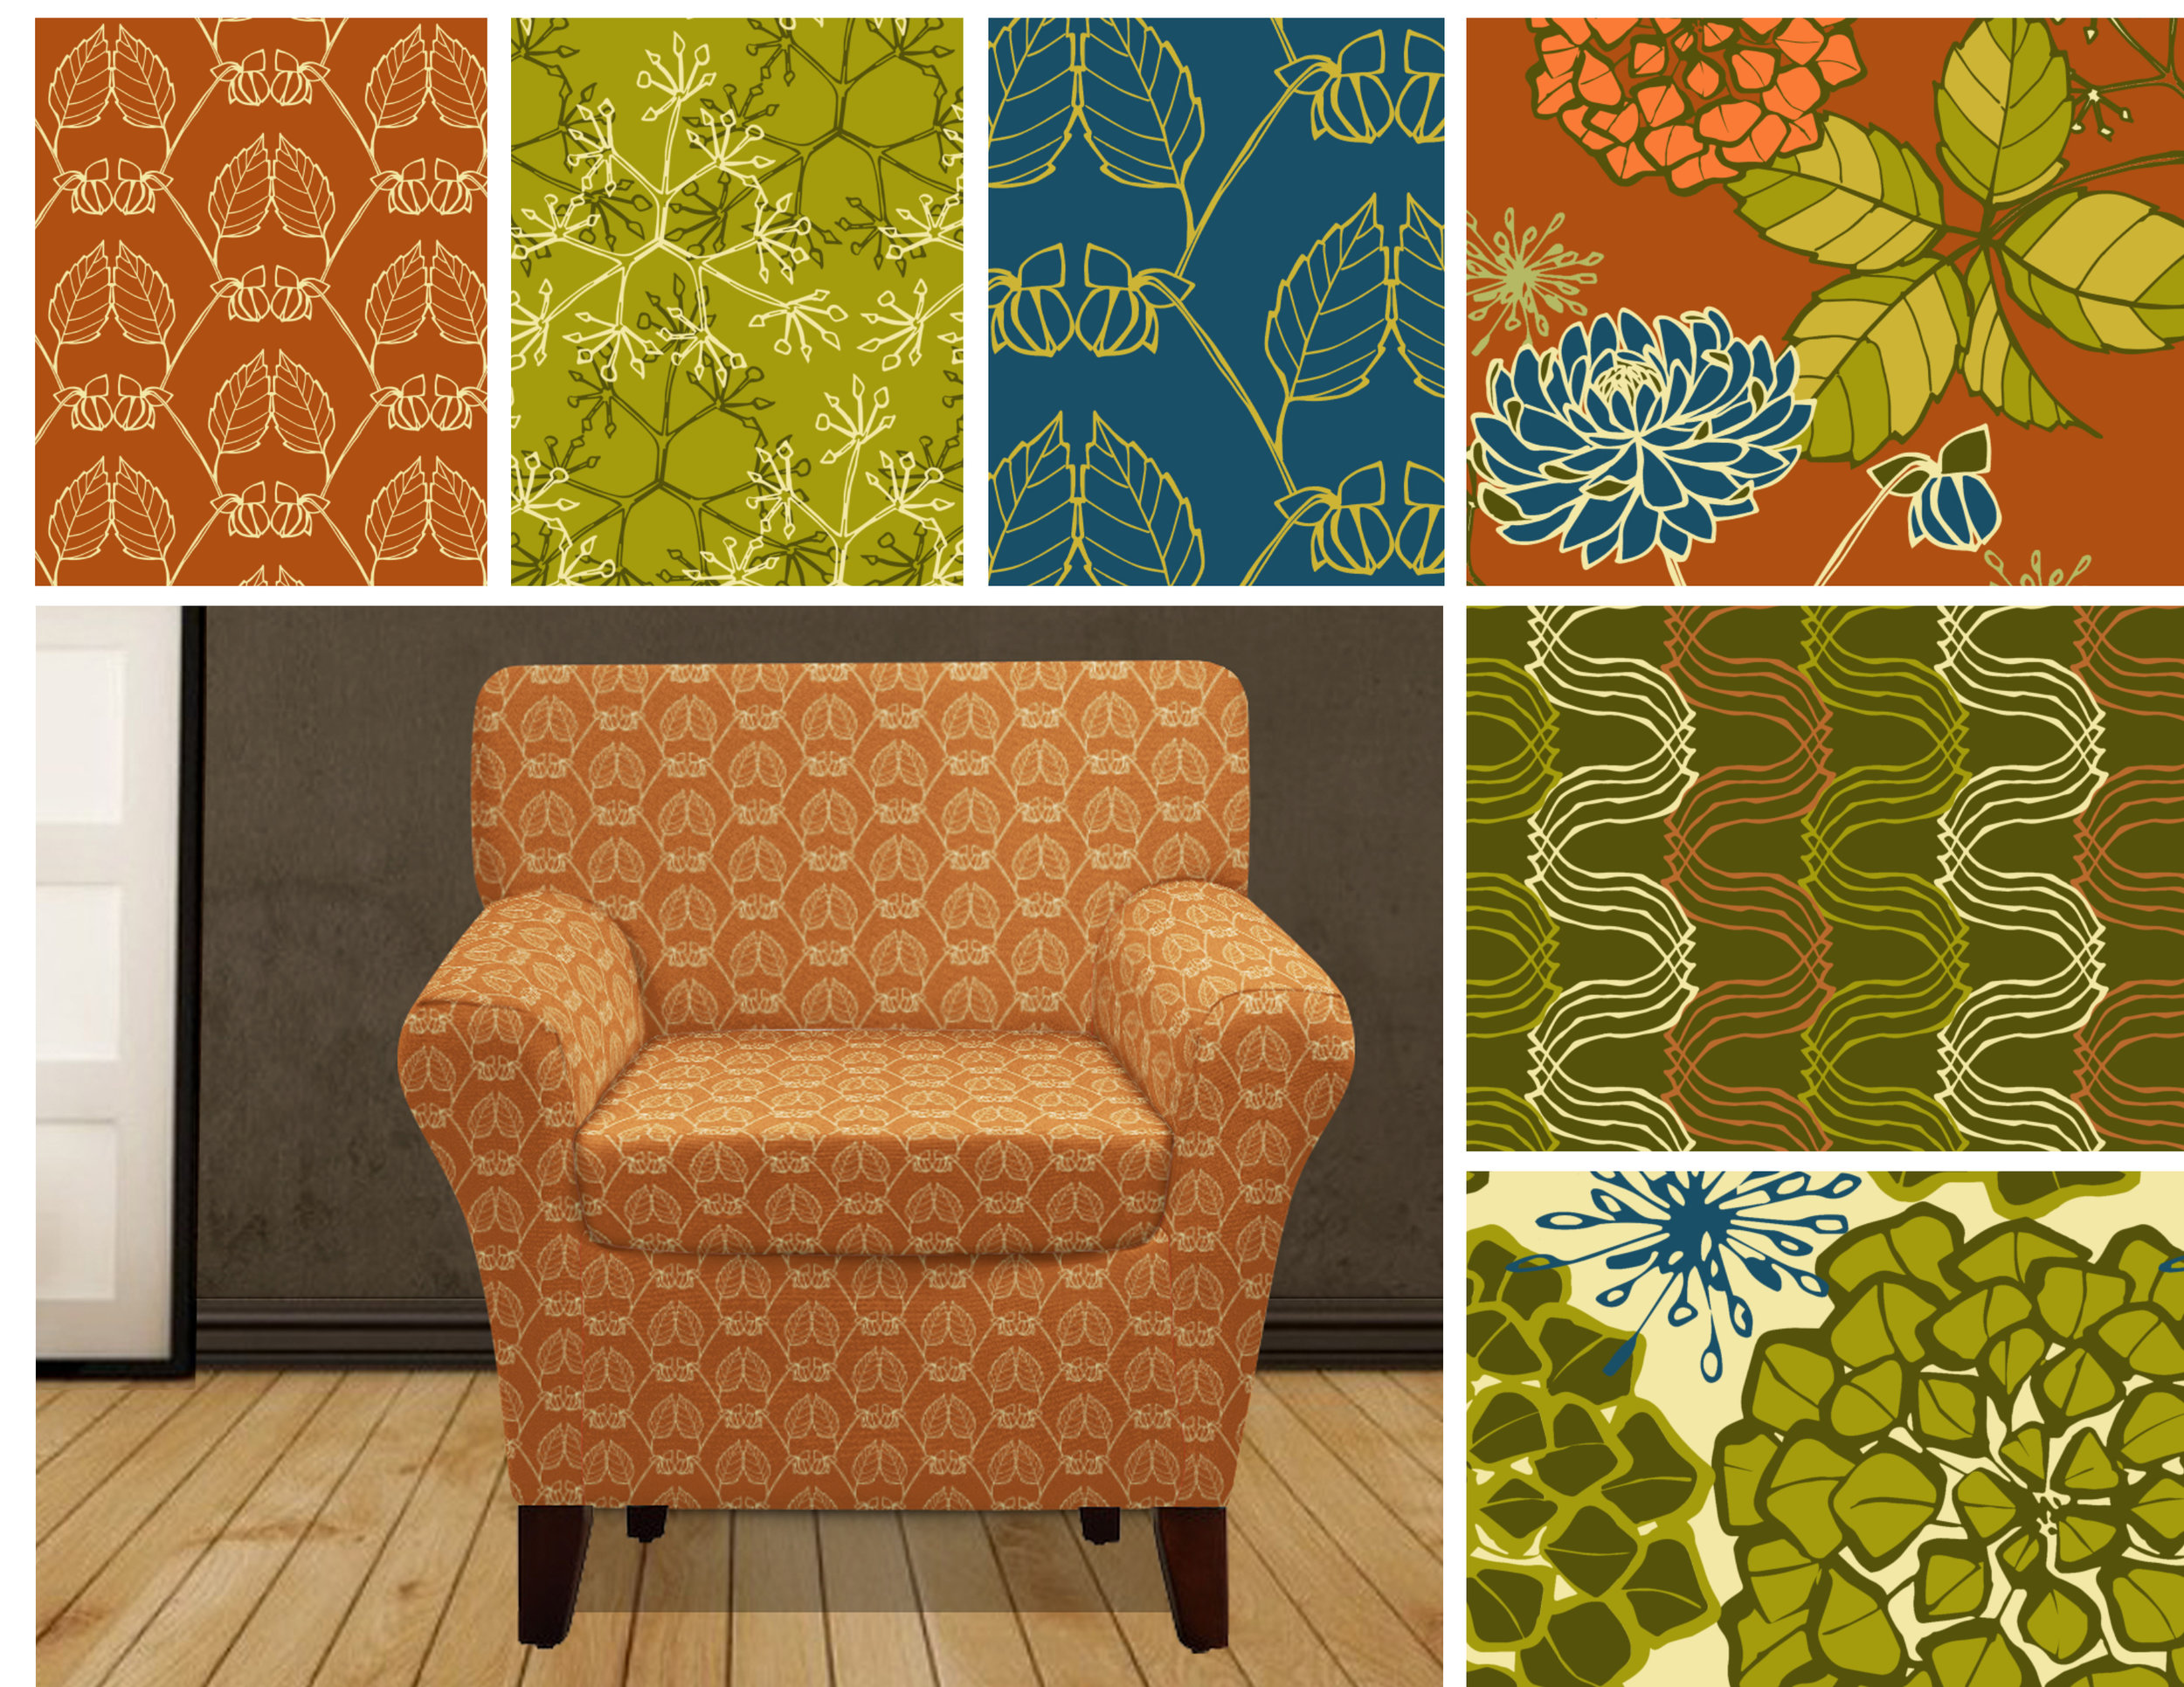 15 Dorset patterned mockups2.jpg